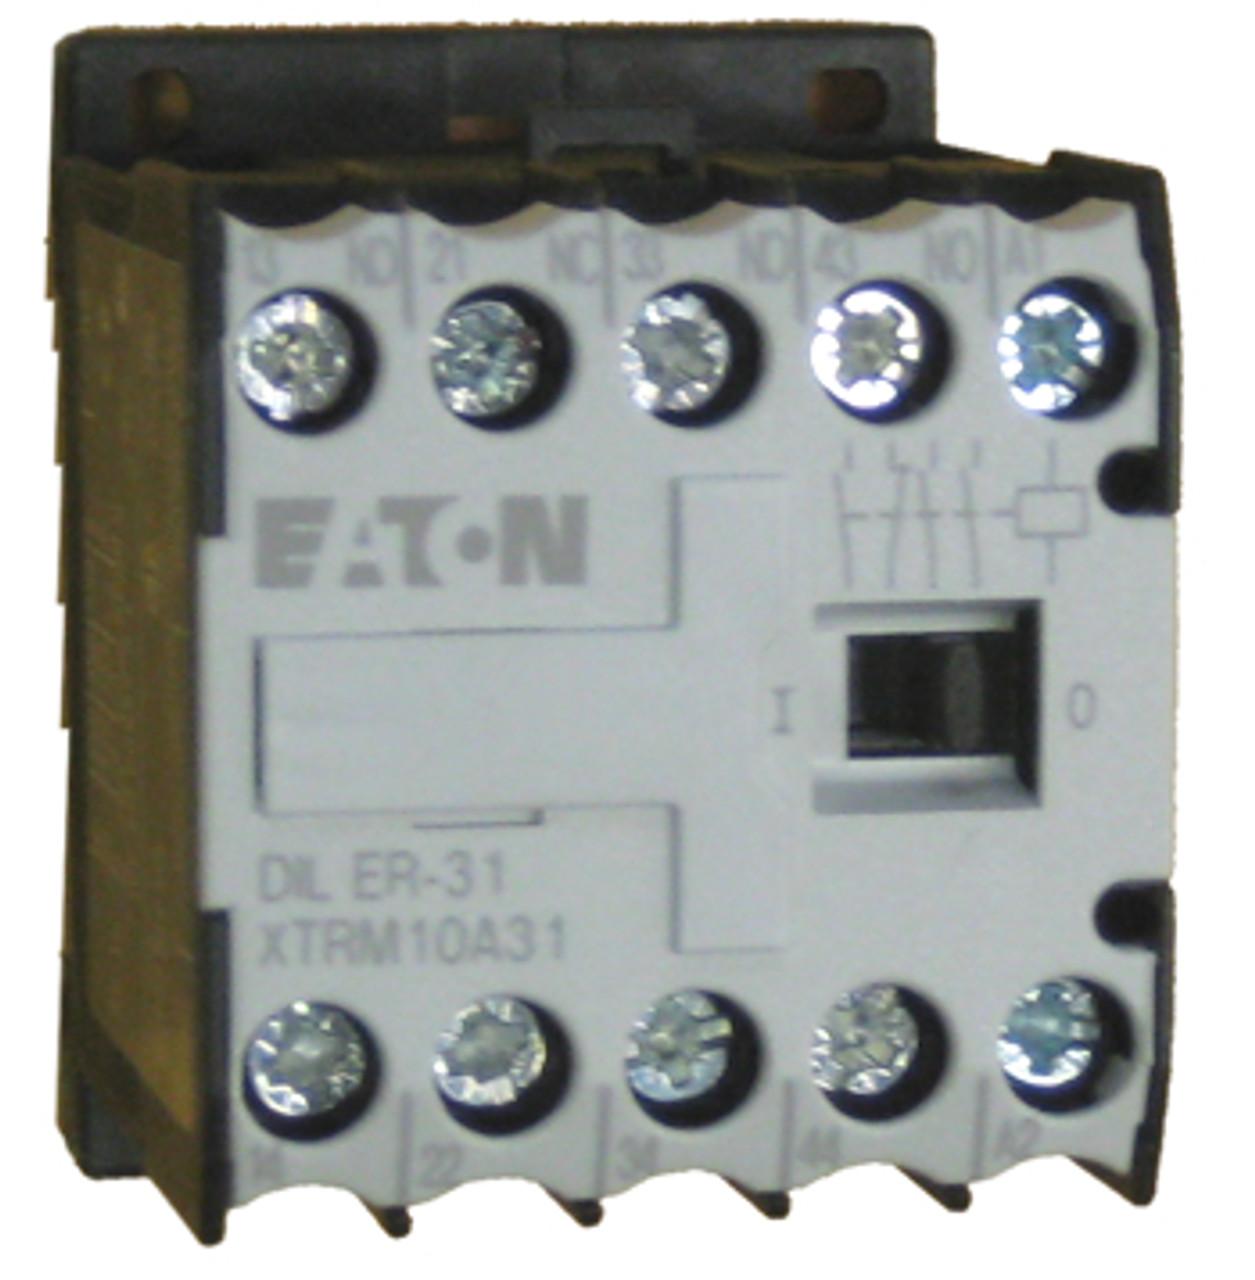 Eaton/Moeller DILER-31-G (48vDC) relay